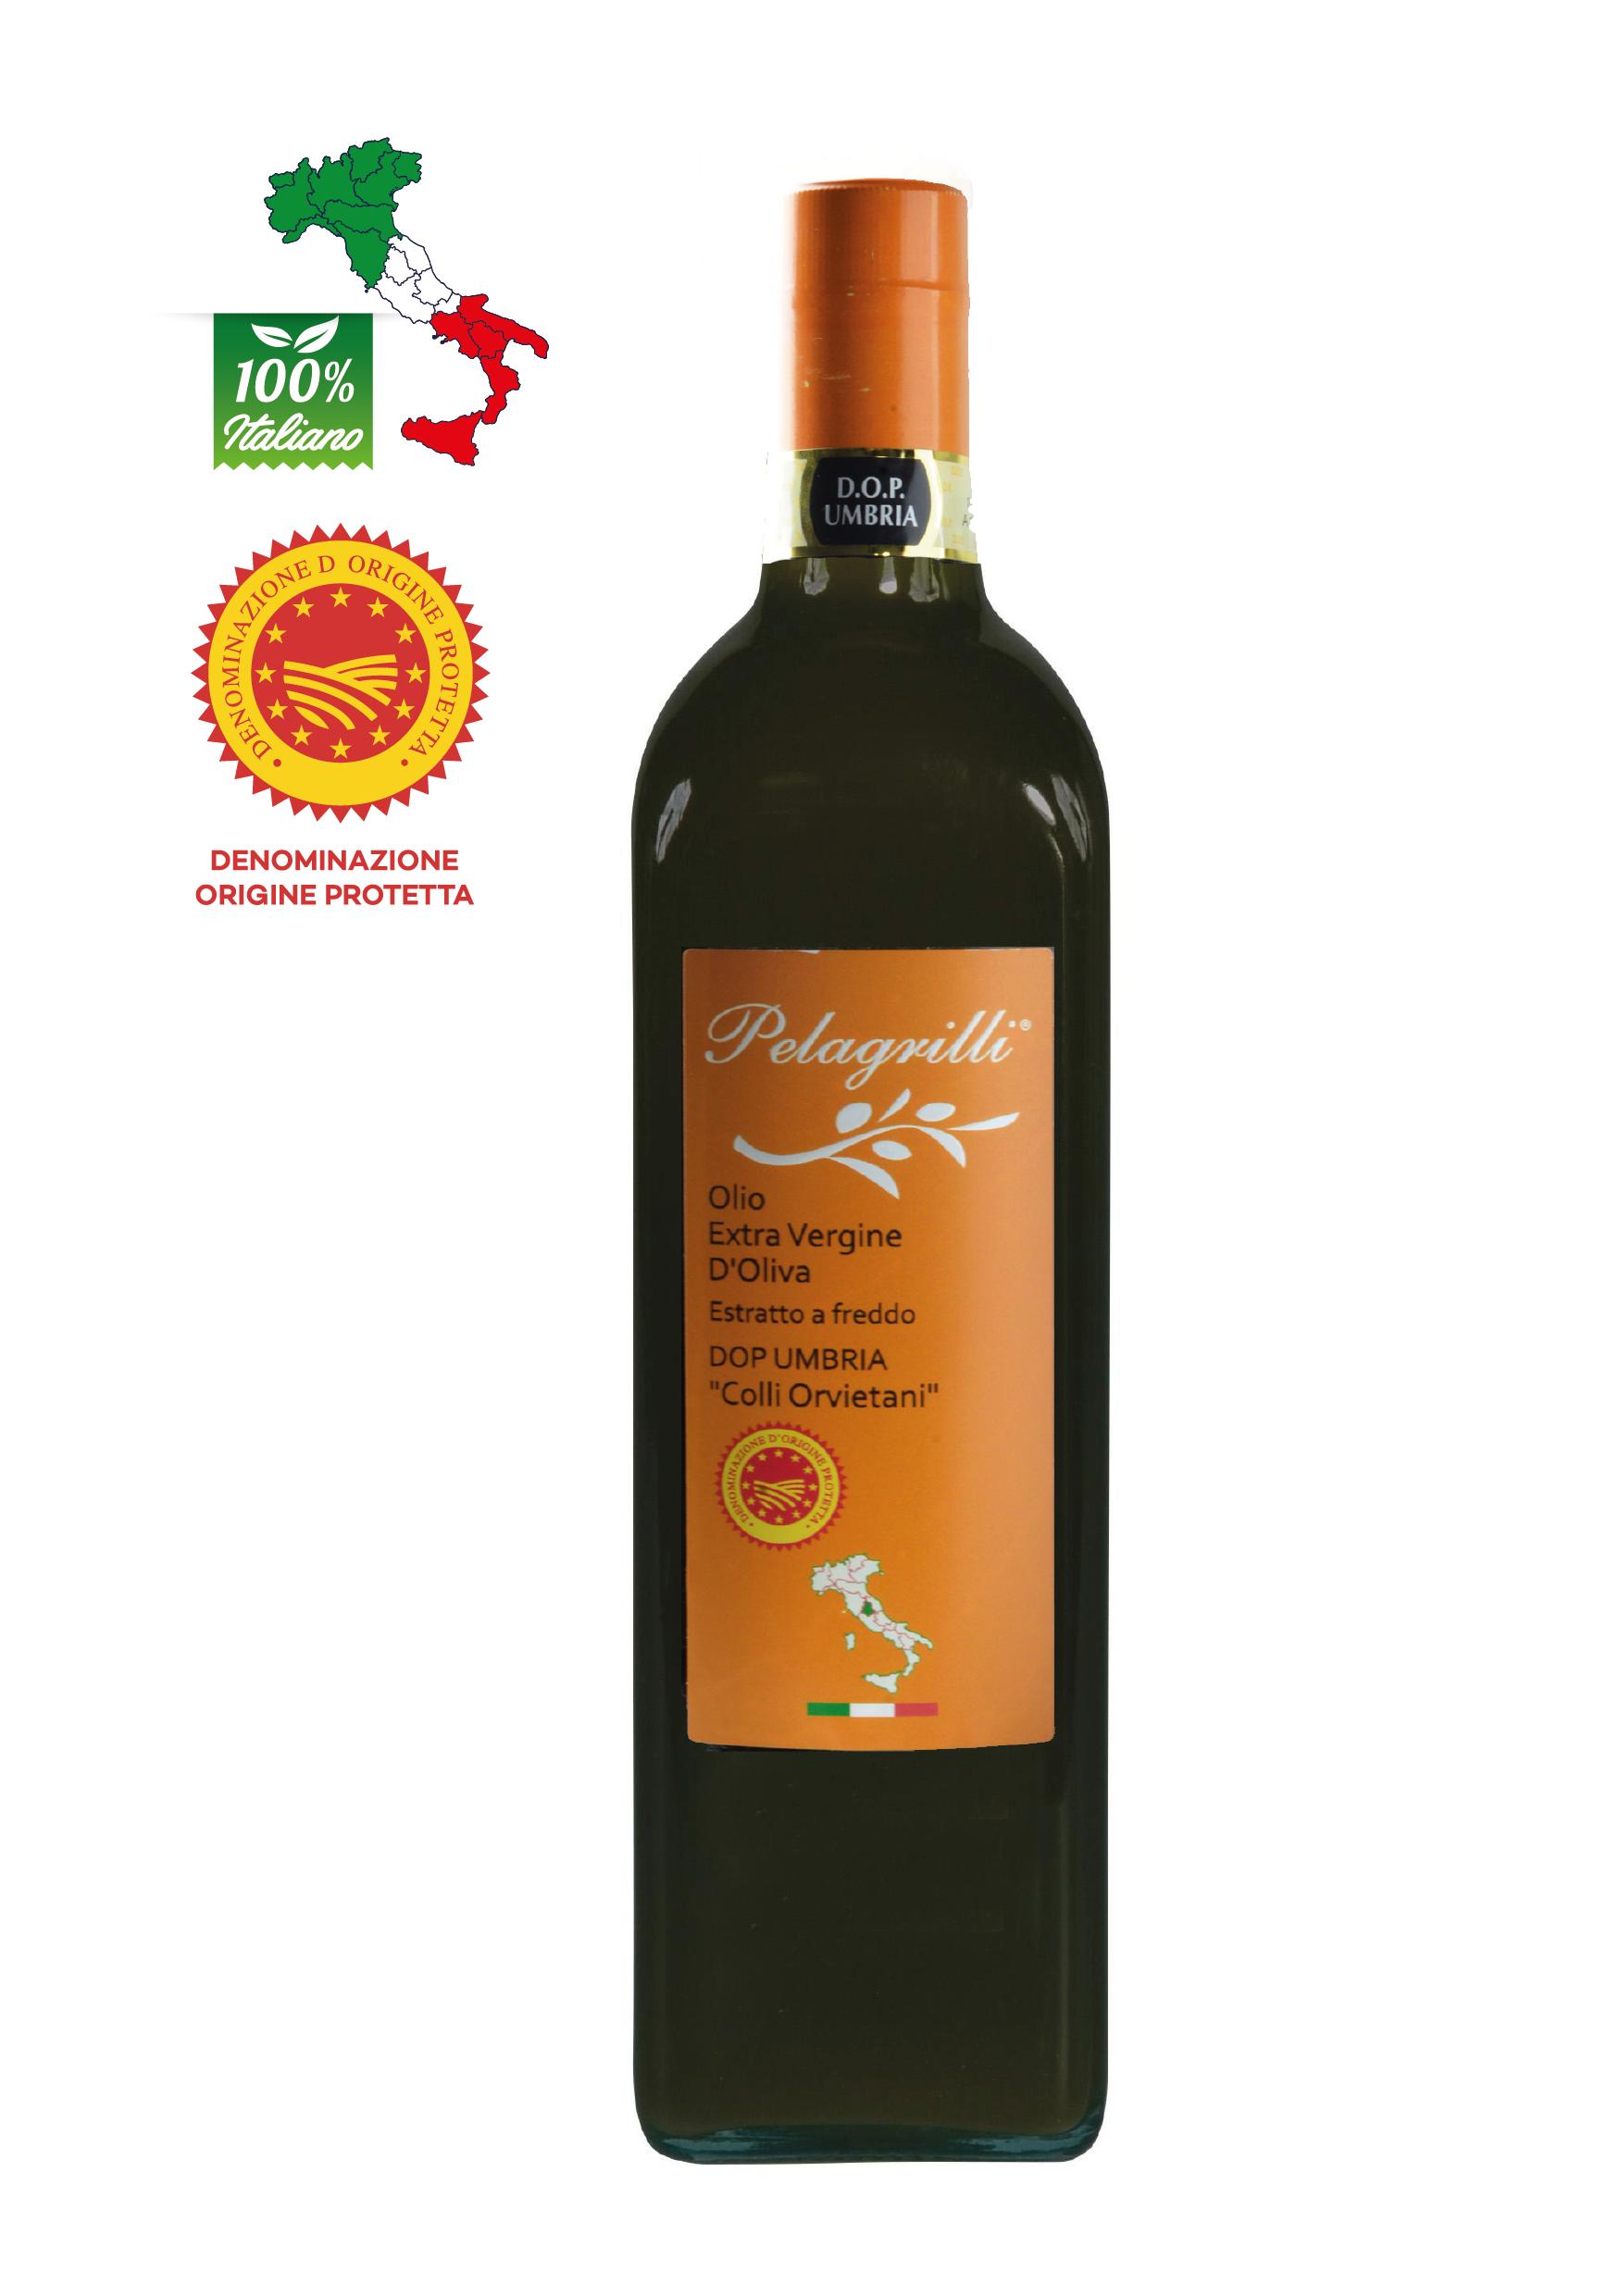 DOP UMBRIA Colli Orvietani  Raccolto 2021-2022 LT 0,75  Olio extravergine di oliva - estratto a freddo - FILTRATO